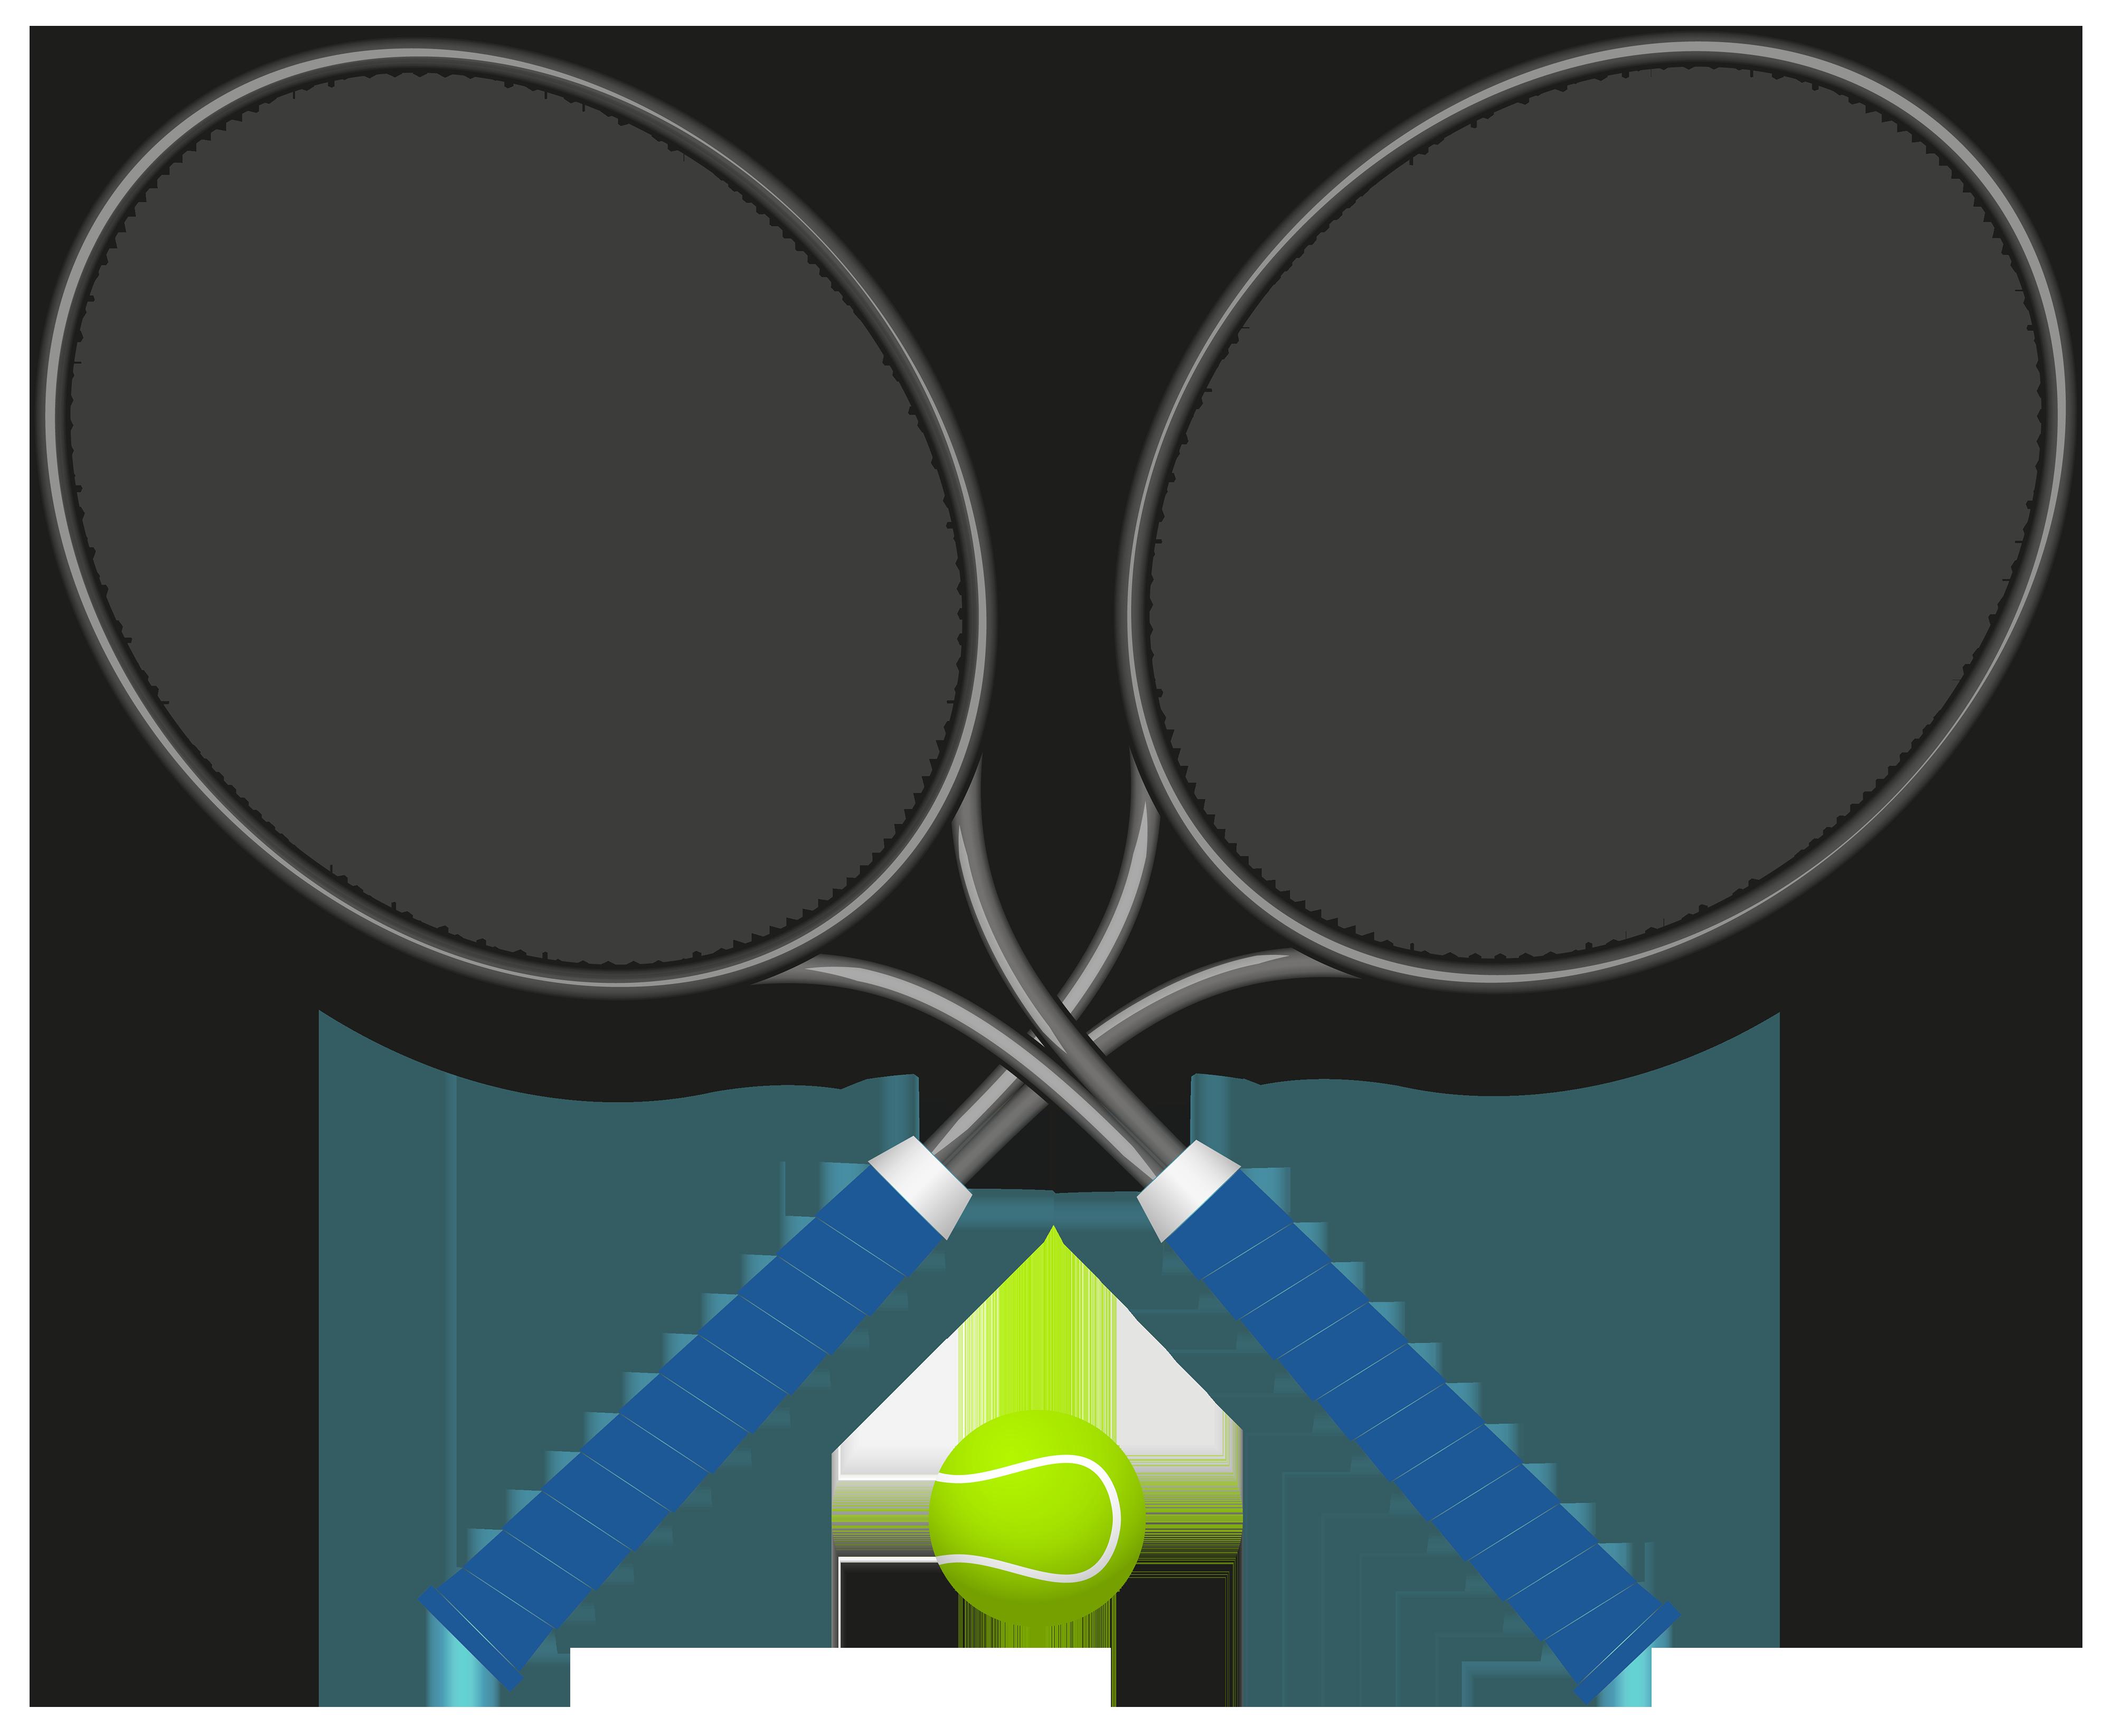 Tennis Images Clip Art 2 Clipartcow-Tennis images clip art 2 clipartcow-17